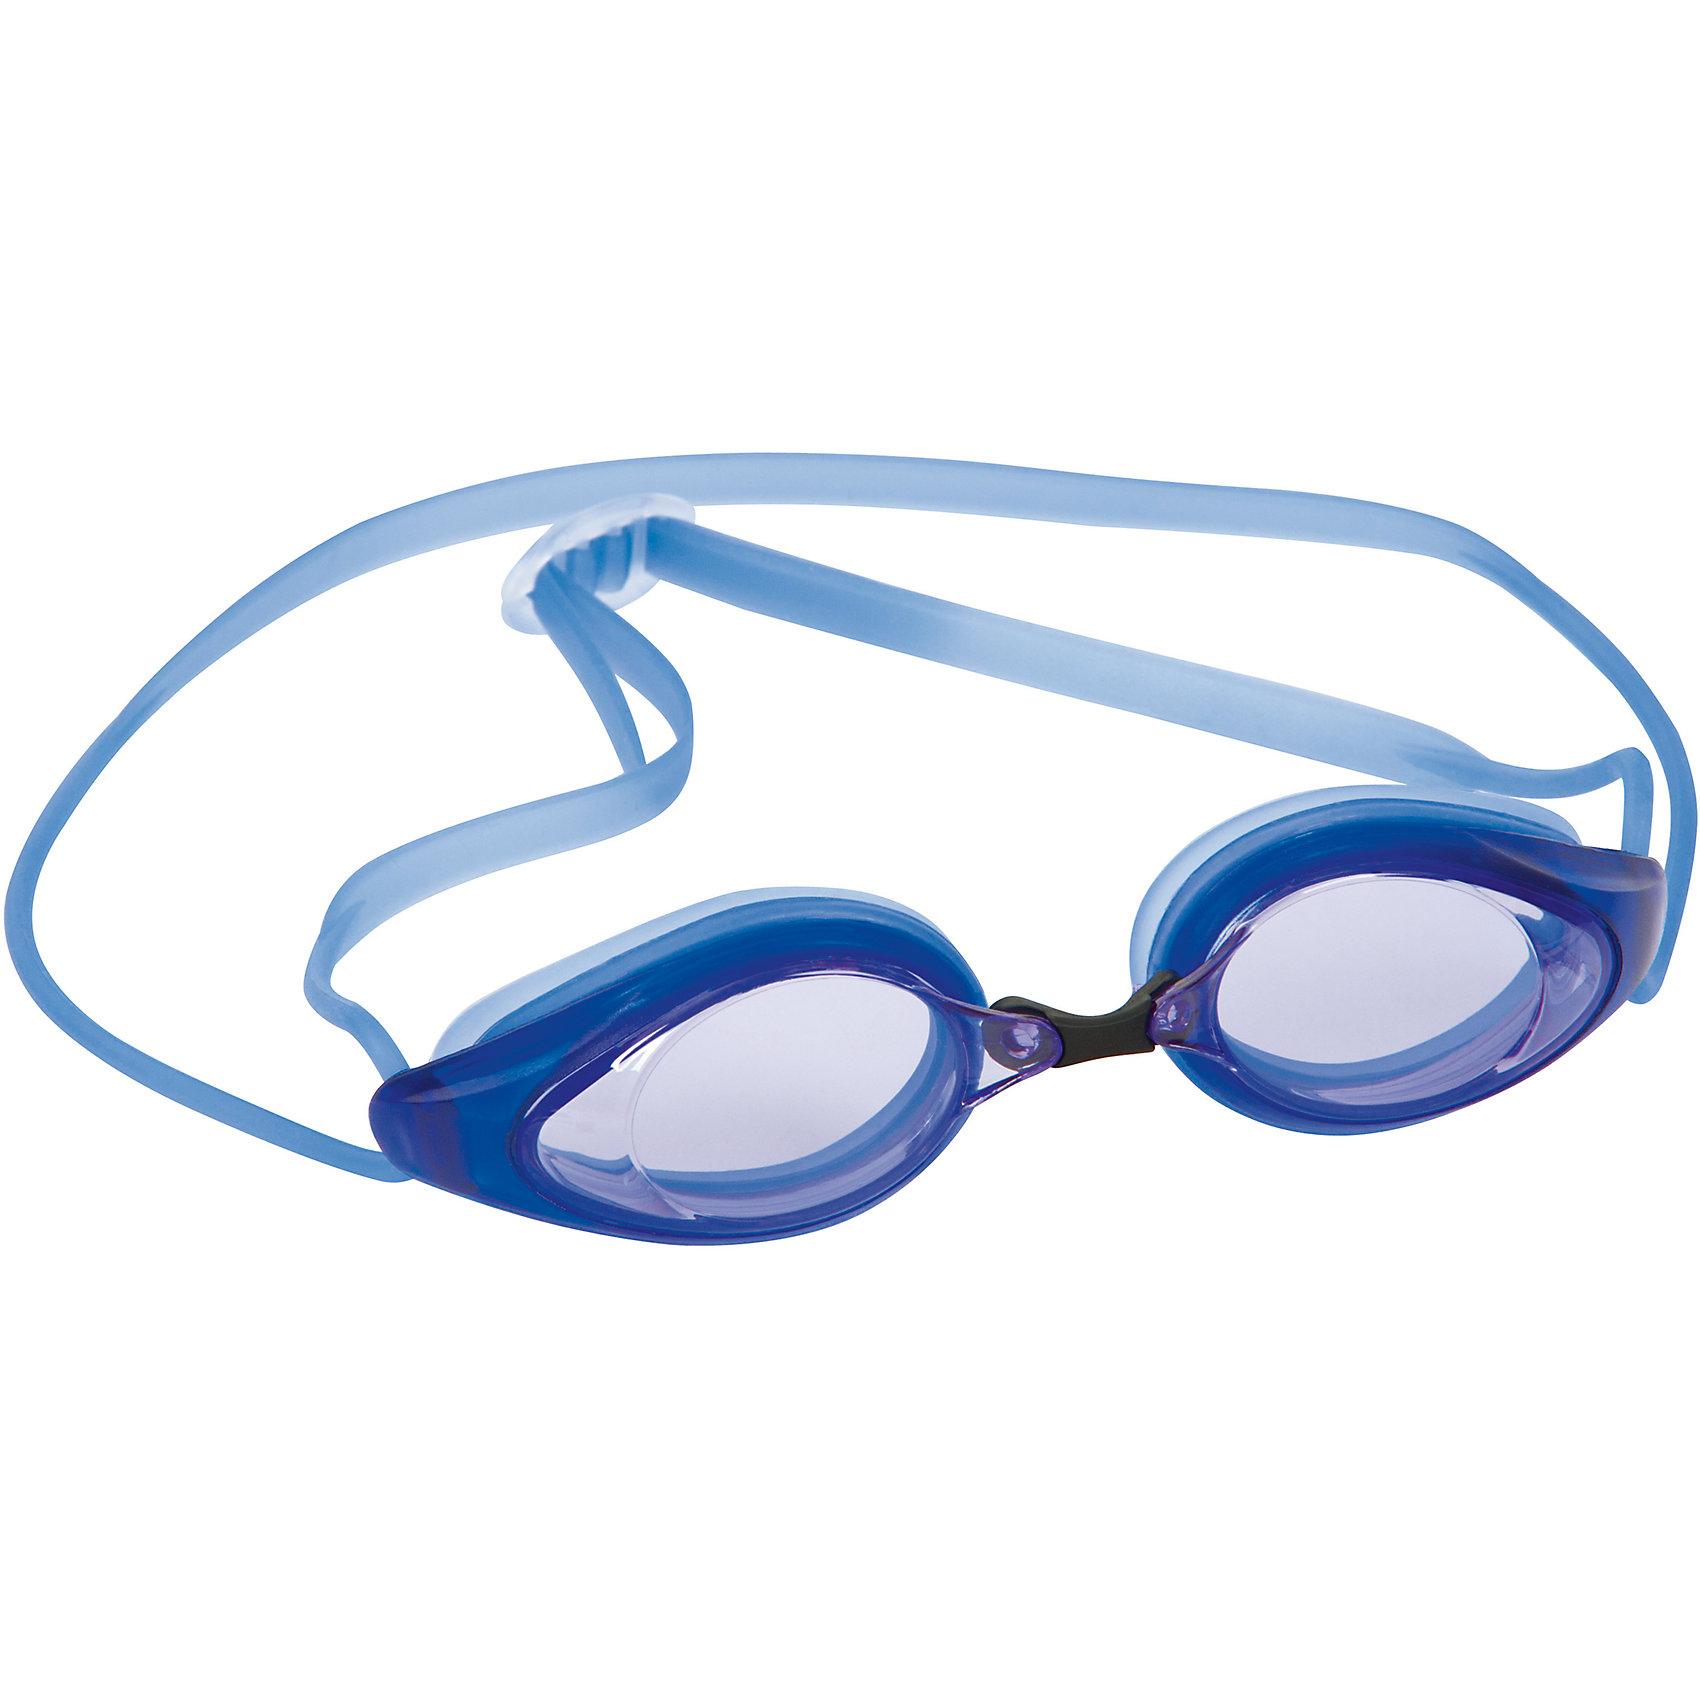 Bestway Очки для плавания Razorlite Race для взрослых, Bestway очки для плавания indigo g1800 1808 антиф силикон фиолетовый